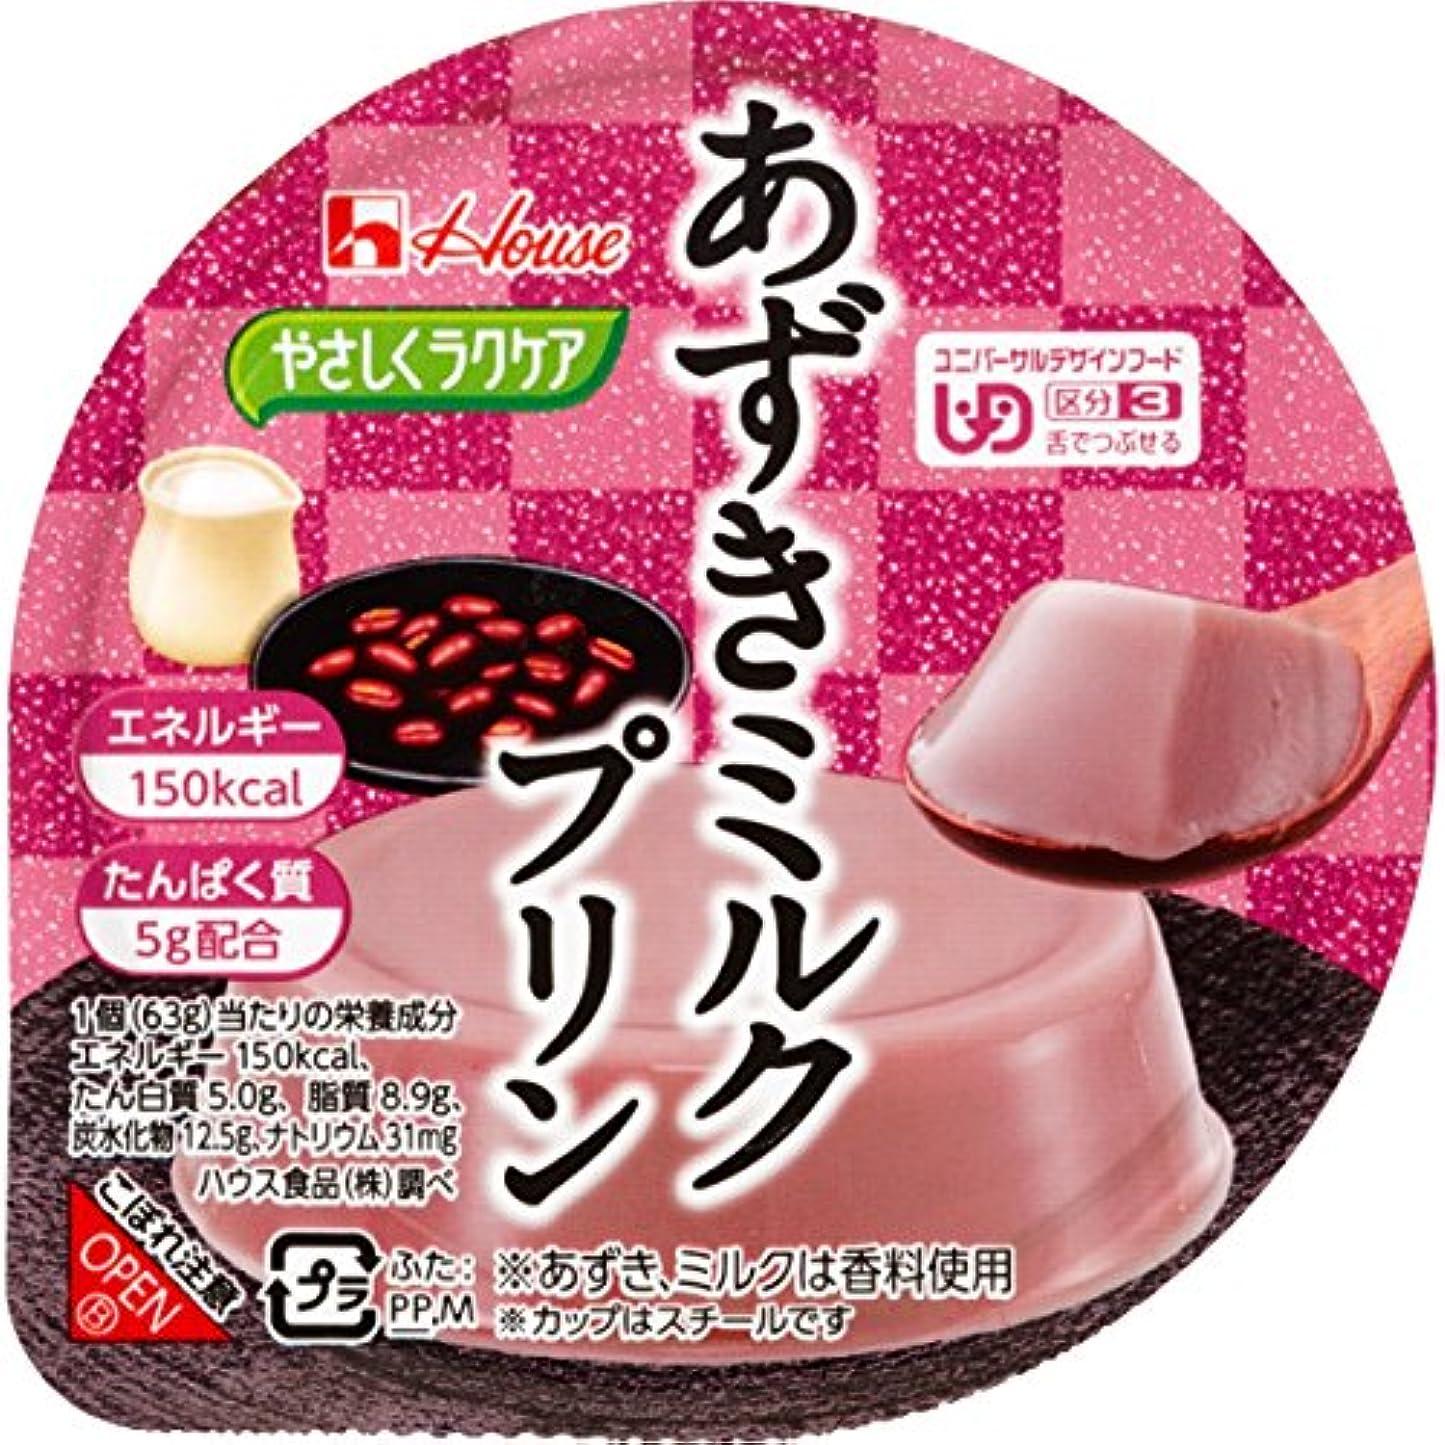 タールスペル考えたハウス食品 やさしくラクケア あずきミルクプリン (UDF区分3:舌でつぶせる) 63gx12個